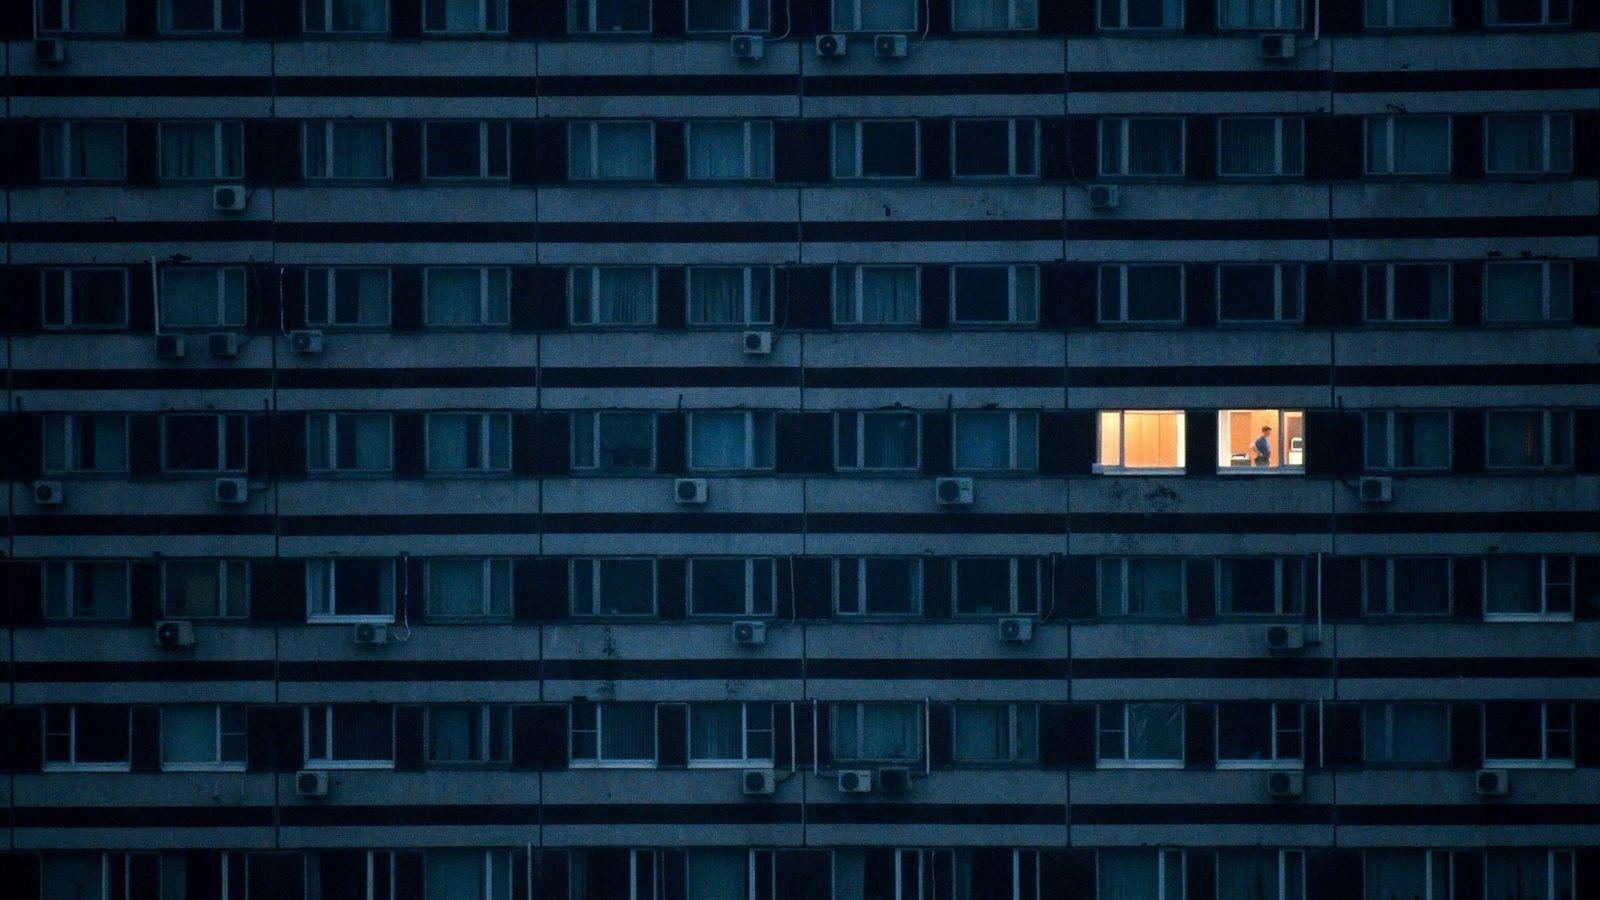 Imagen de un edificio con la luz de un piso encendida